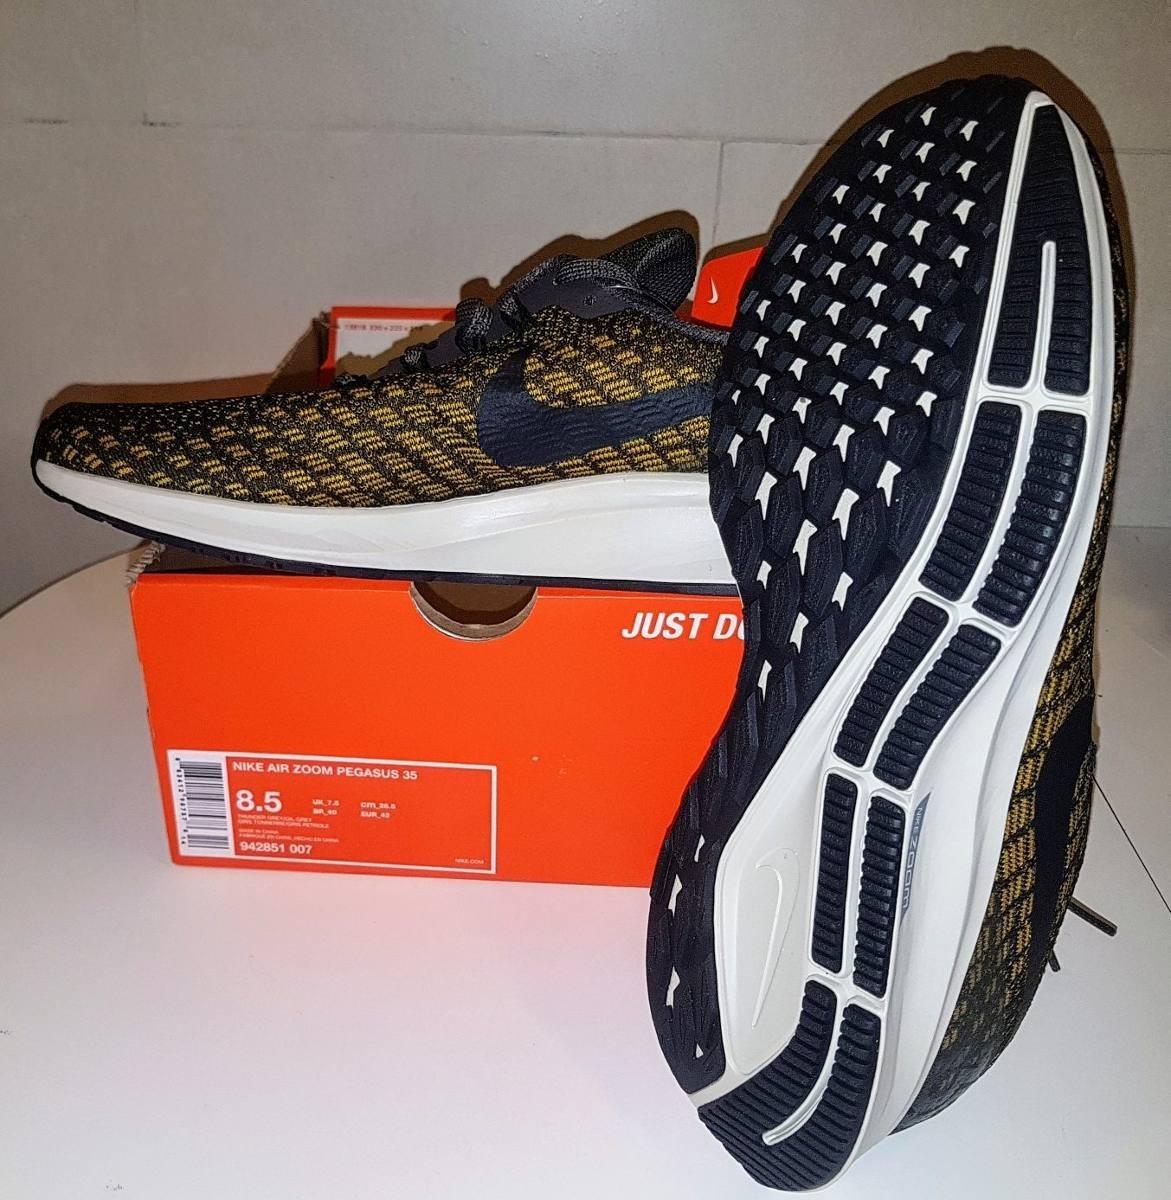 e624f8ce Zapatillas Nike Air Zoom Pegasus 34 Hombre - 100% Originales